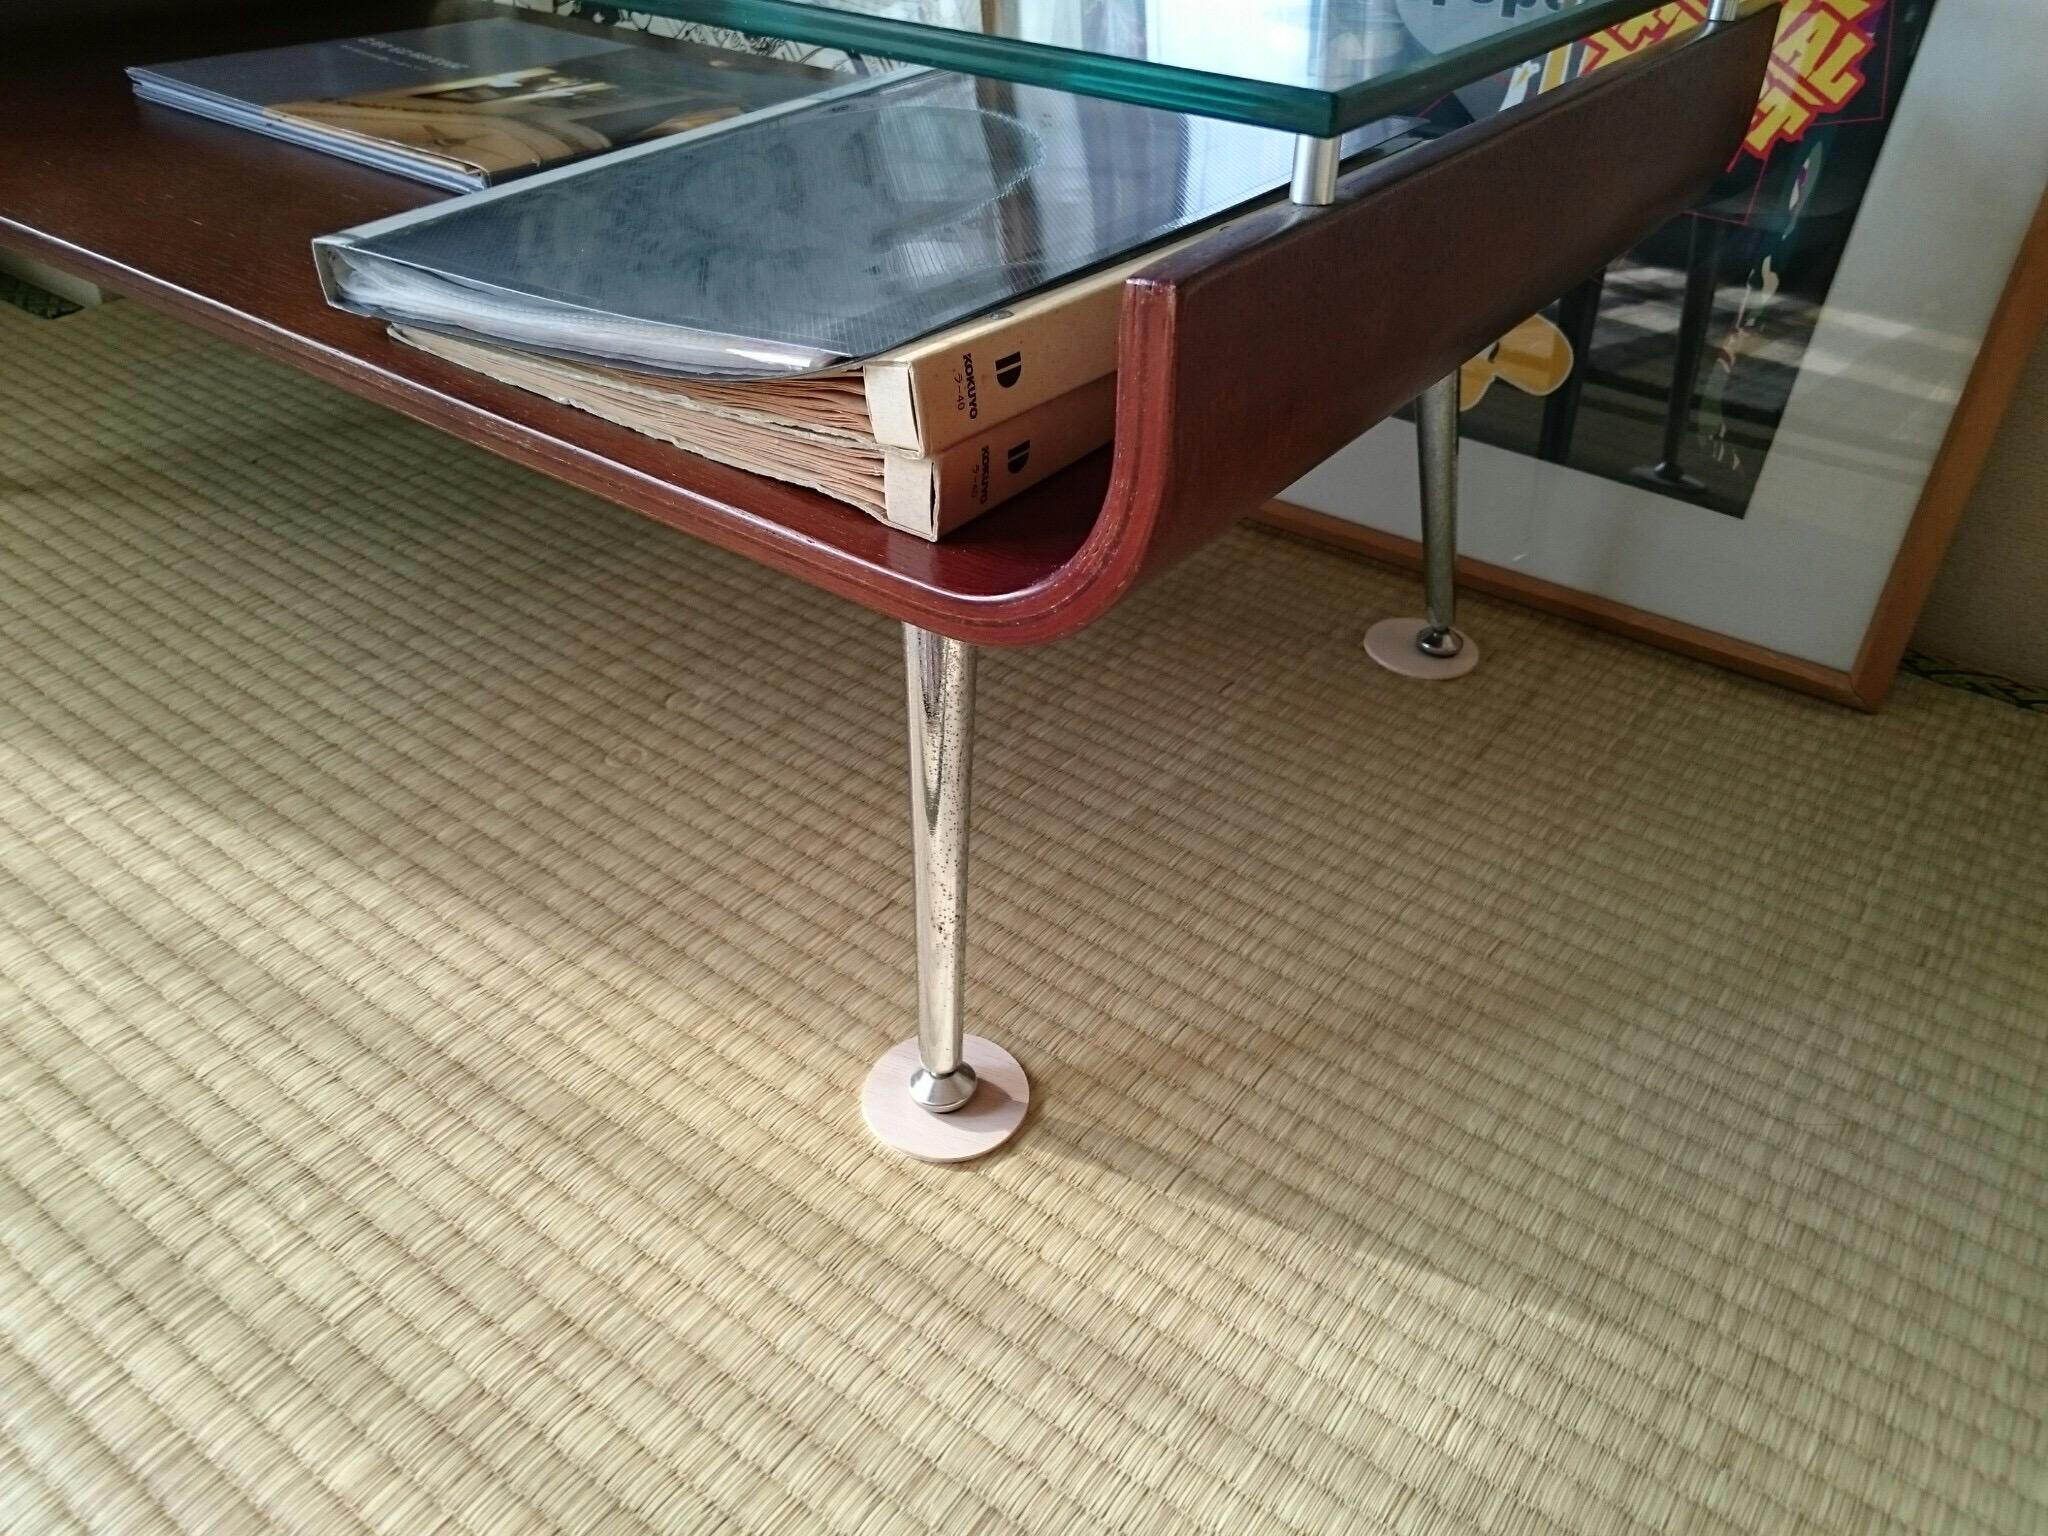 テーブル足の下にクッション板を置きました。